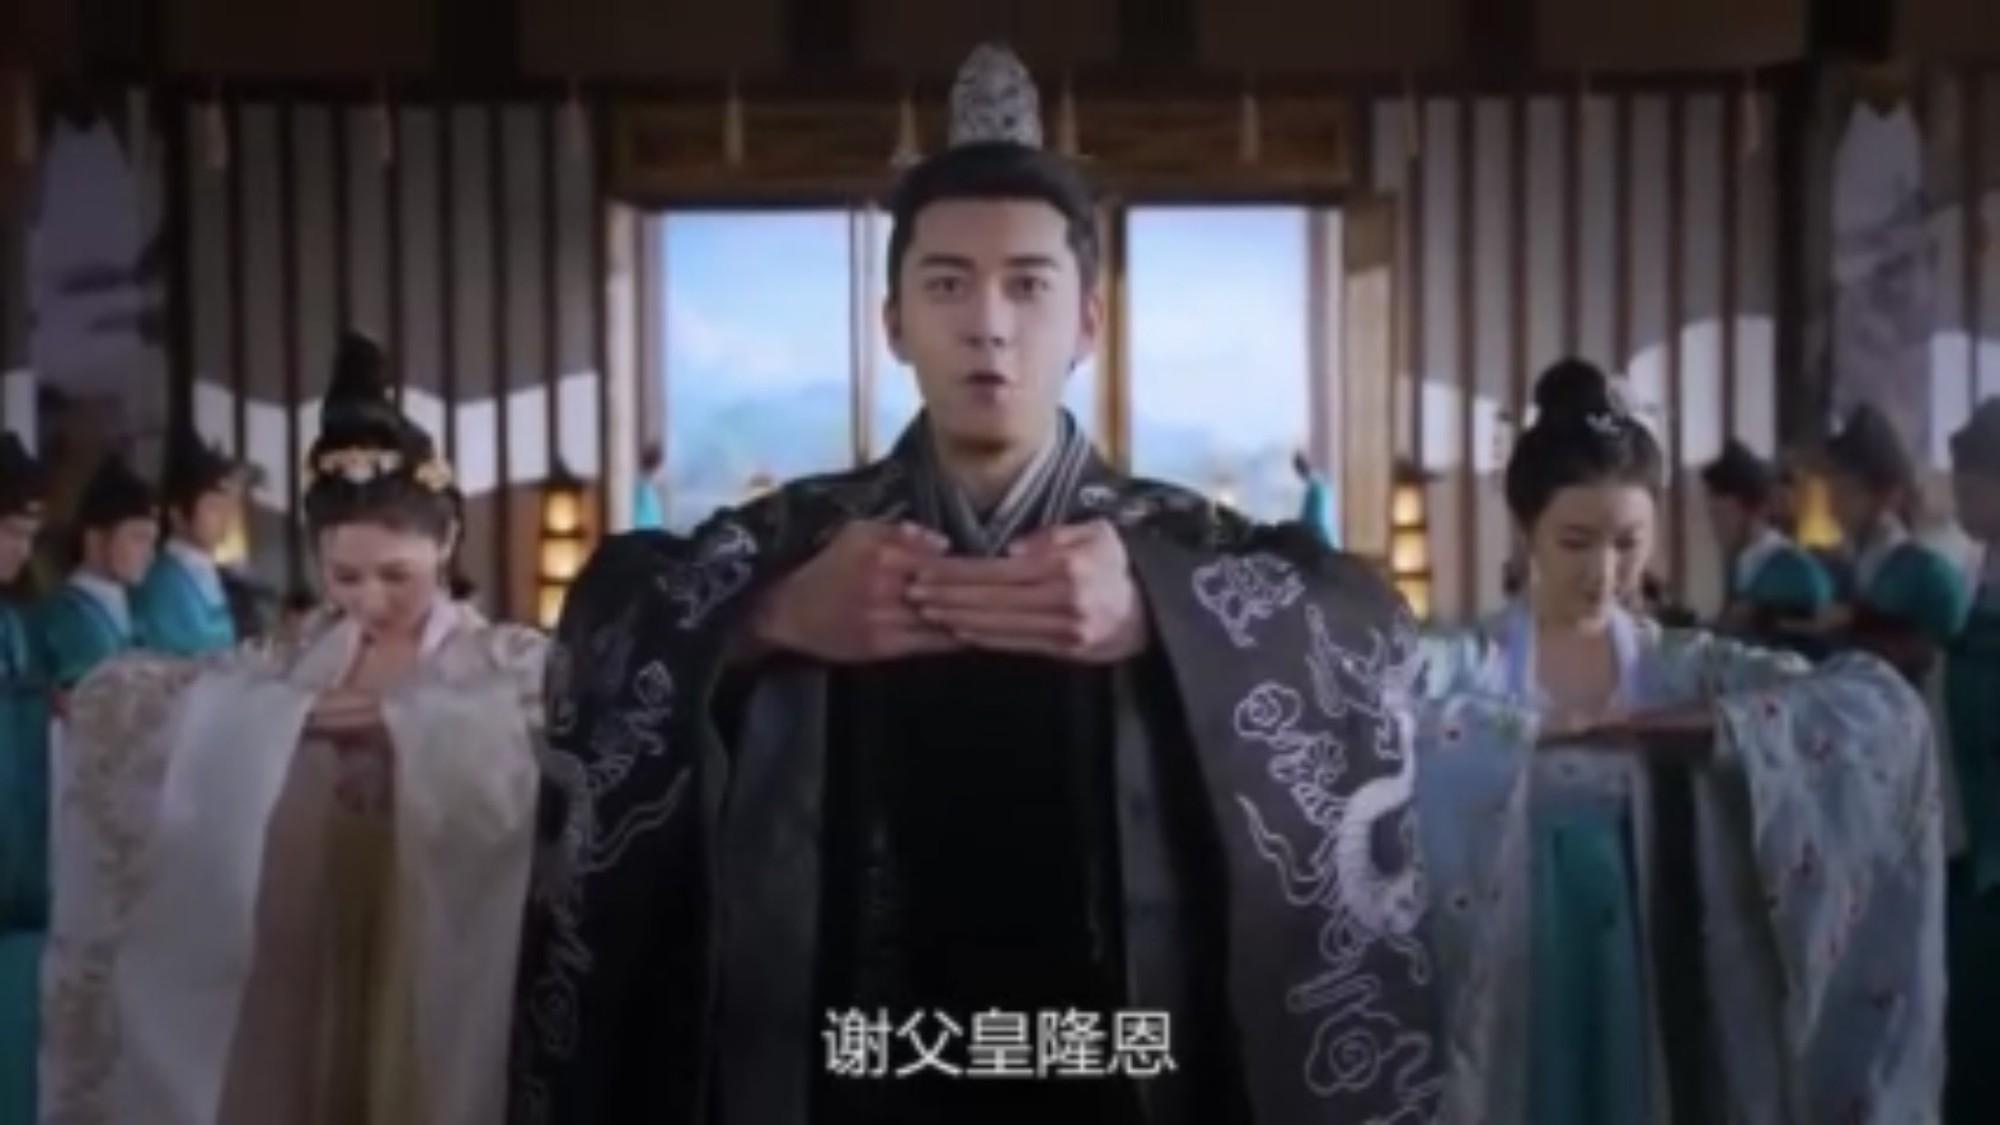 Sinh thần độc đáo nhất trong Đông Cung: Chủ tiệc sầu tơi tả, khách không mời lại hả hê - Ảnh 2.